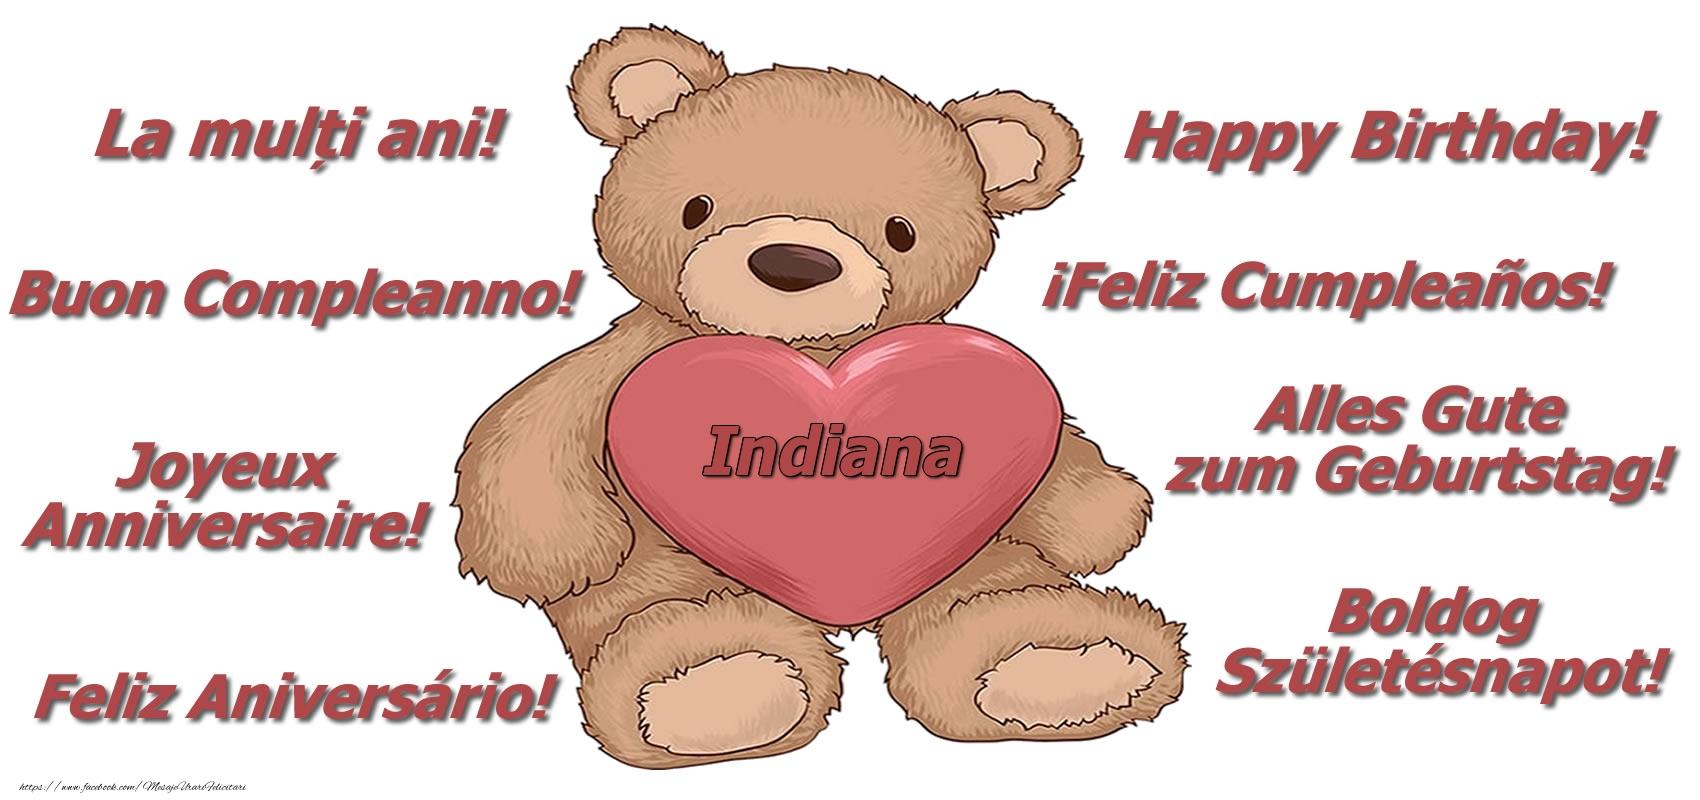 Felicitari de zi de nastere - La multi ani Indiana! - Ursulet